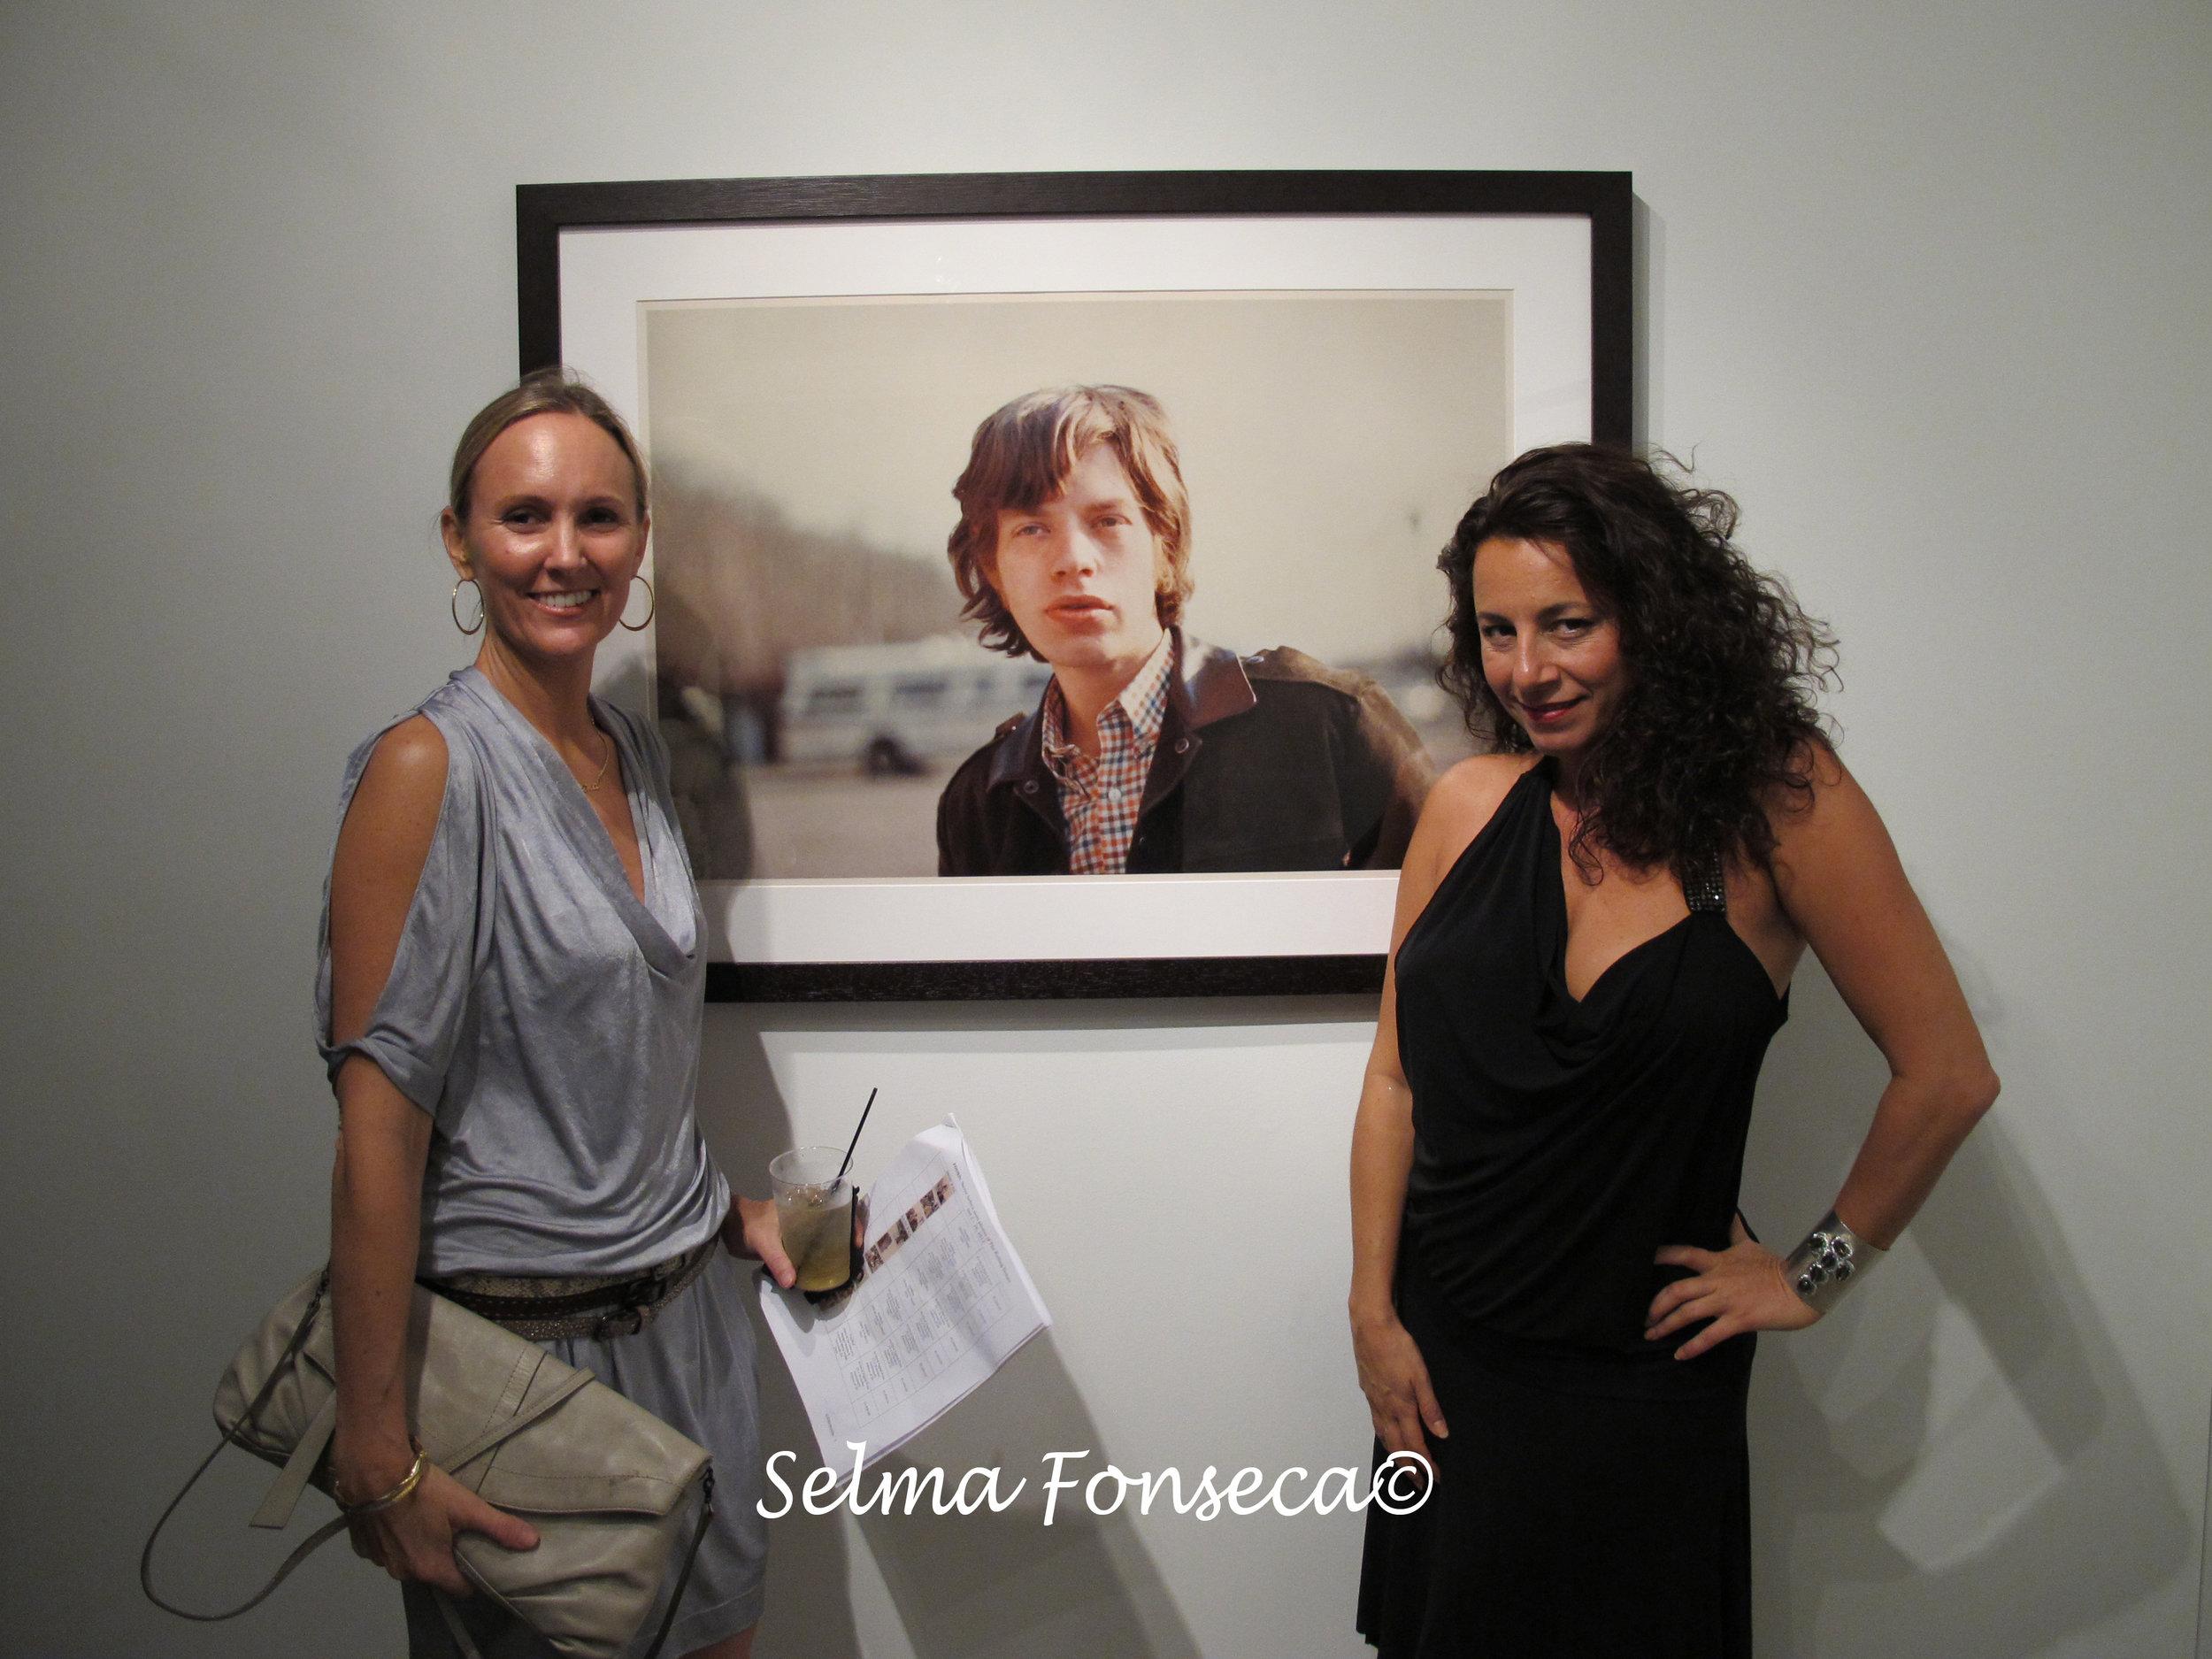 Gina Greblo_Selma Fonseca.jpg